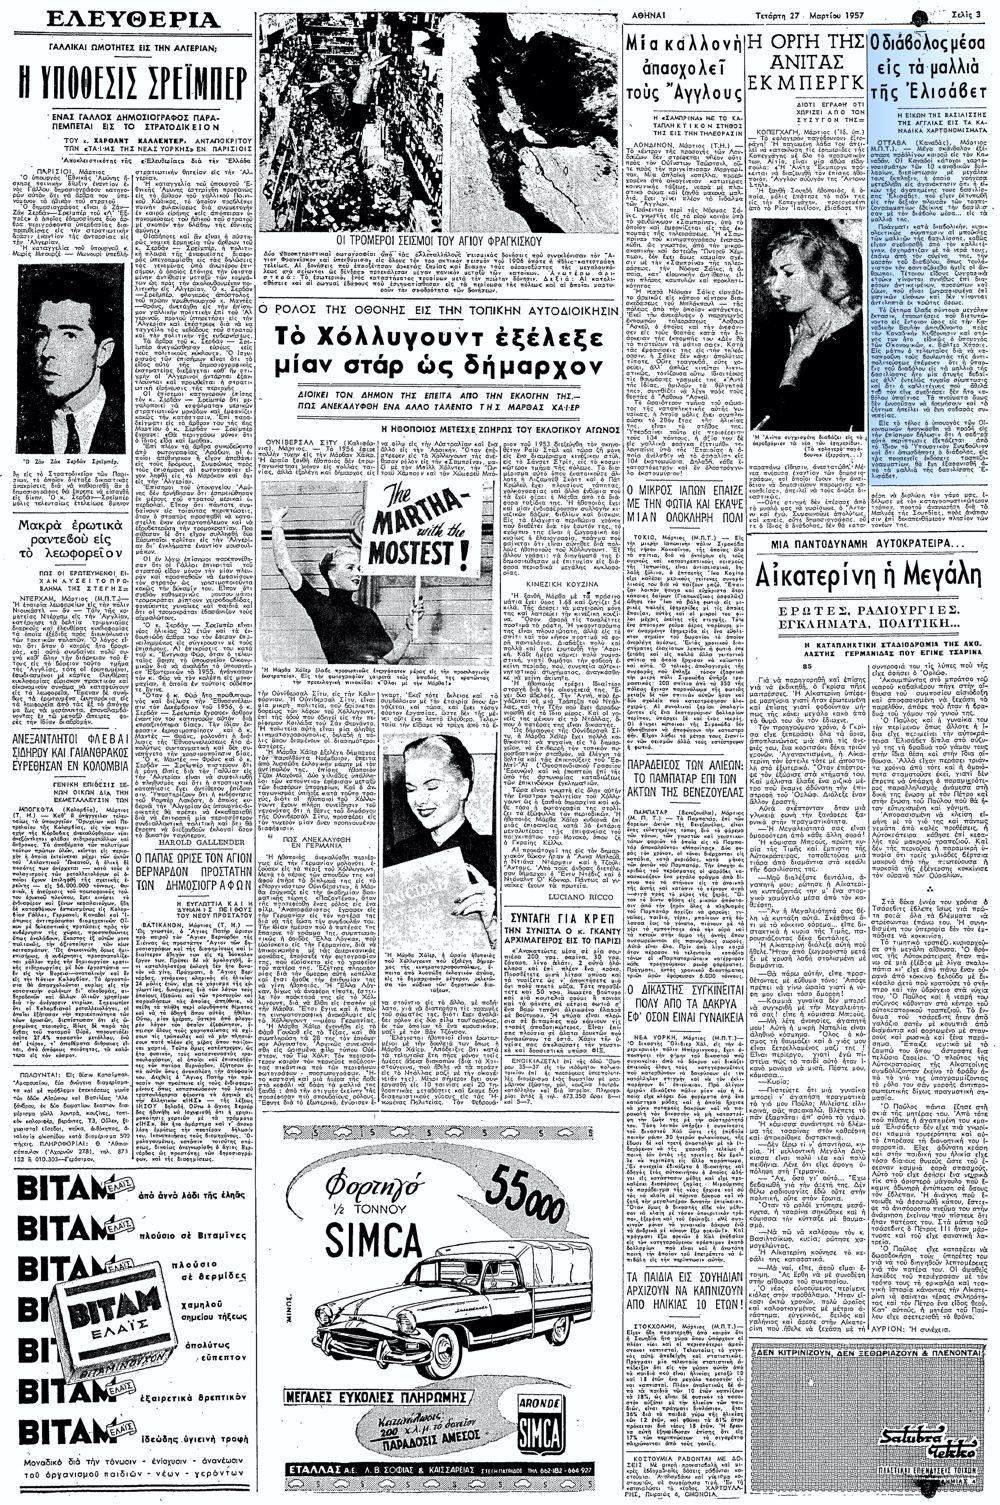 """Το άρθρο, όπως δημοσιεύθηκε στην εφημερίδα """"ΕΛΕΥΘΕΡΙΑ"""", στις 27/03/1957"""